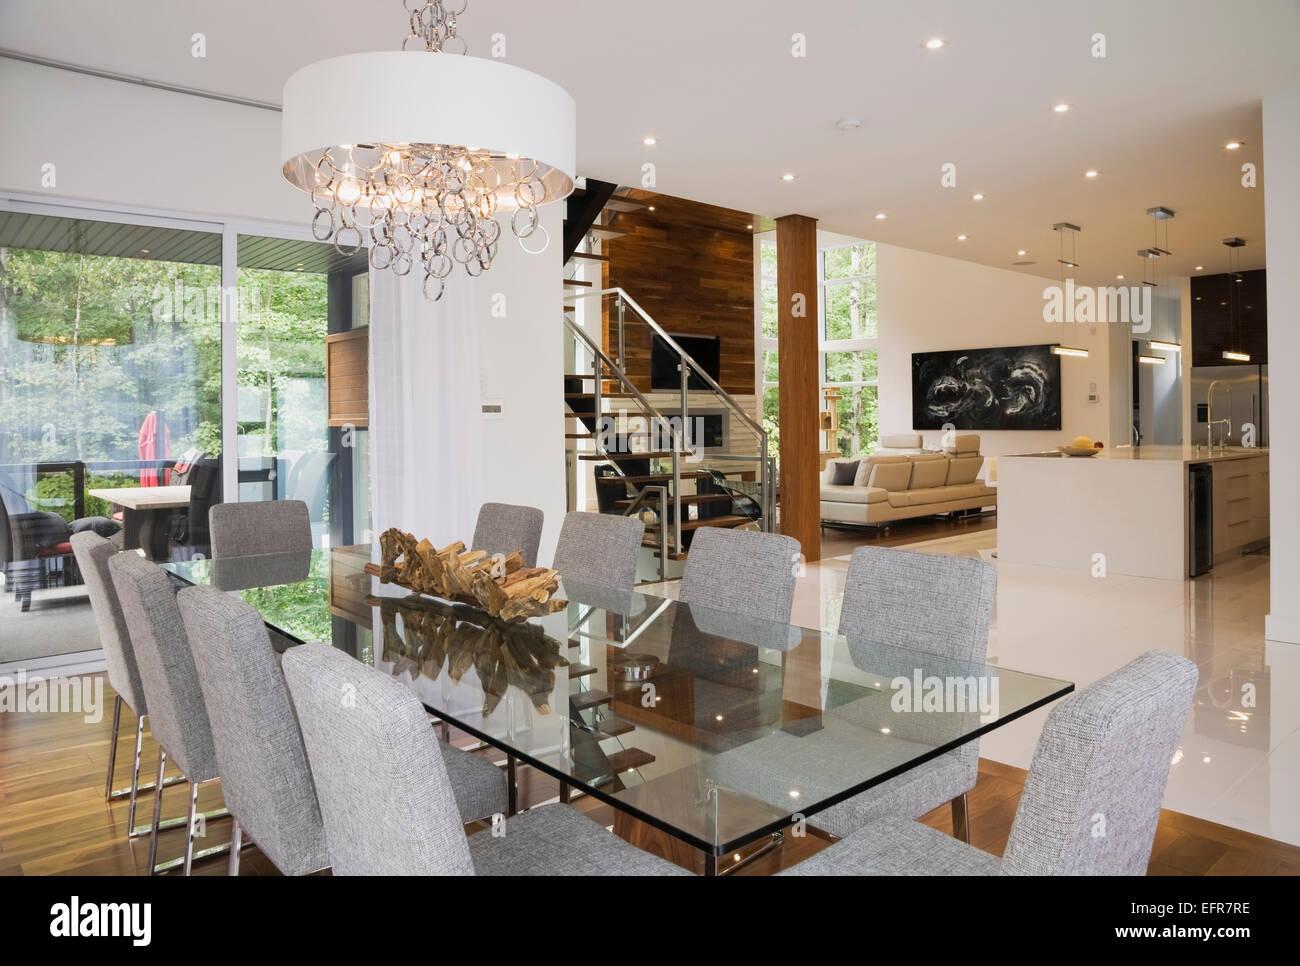 Wunderbar Polster Esszimmerstühle Das Beste Von Modernes Interior Design Offene Esszimmer Mit Glas-esstisch